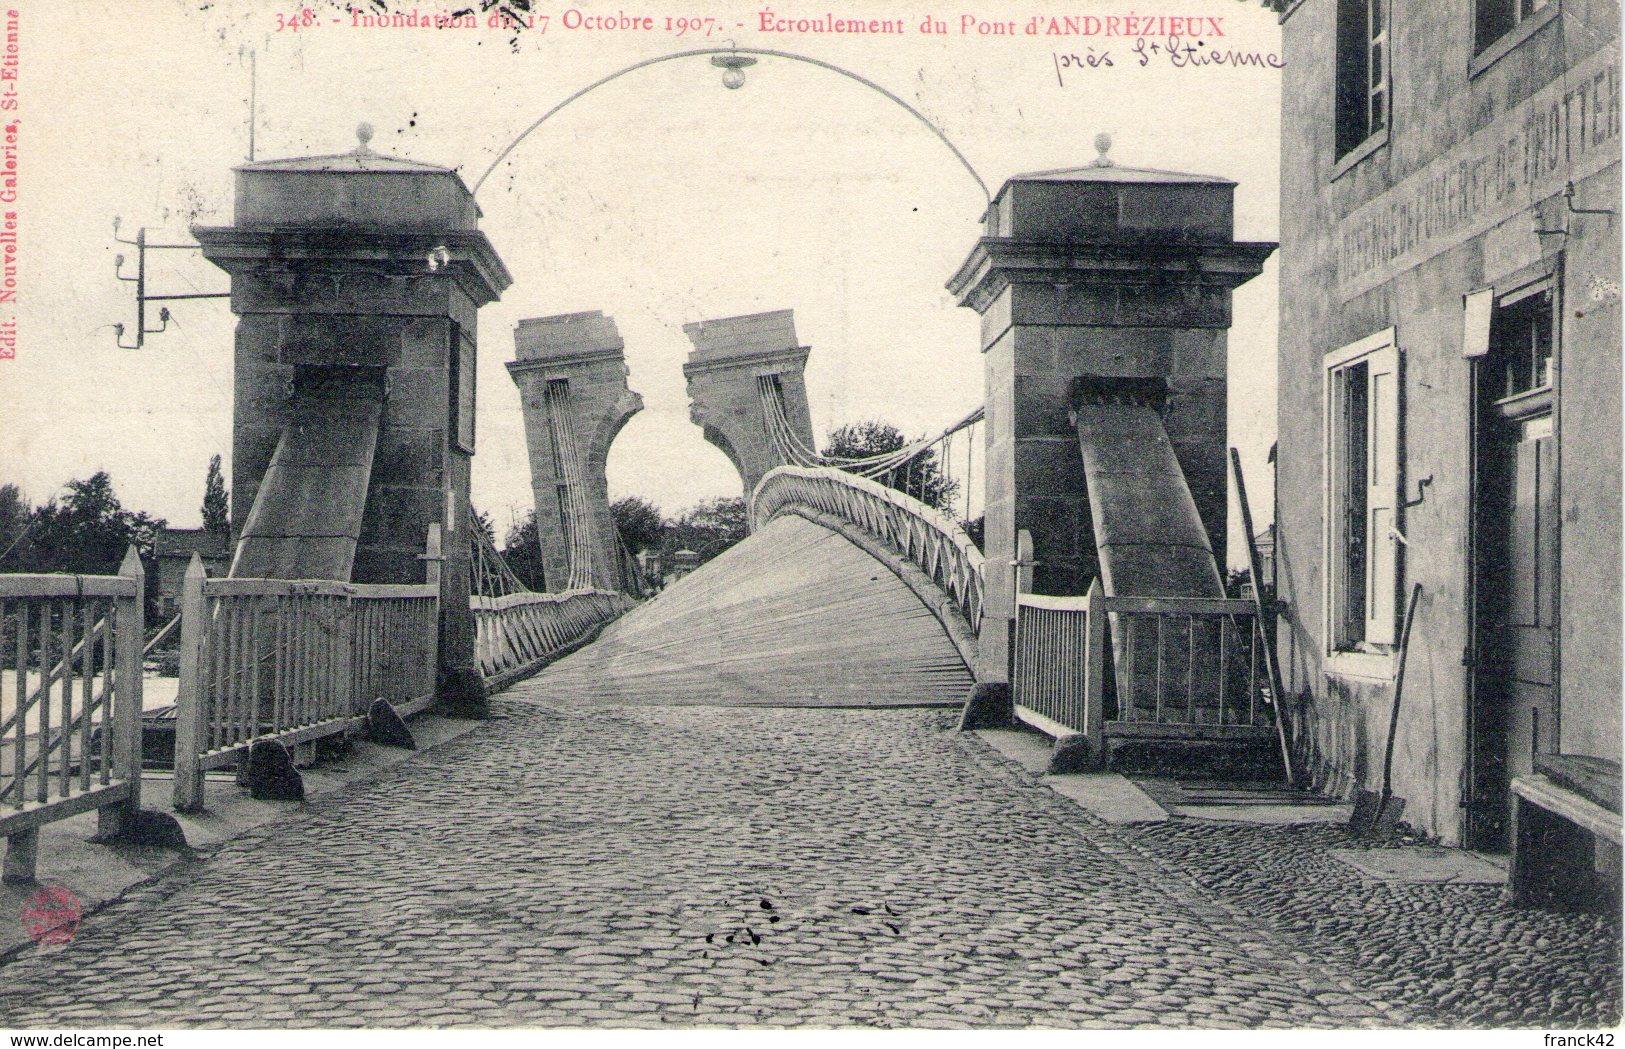 42. écroulement Du Pont D'andrézieux - Andrézieux-Bouthéon